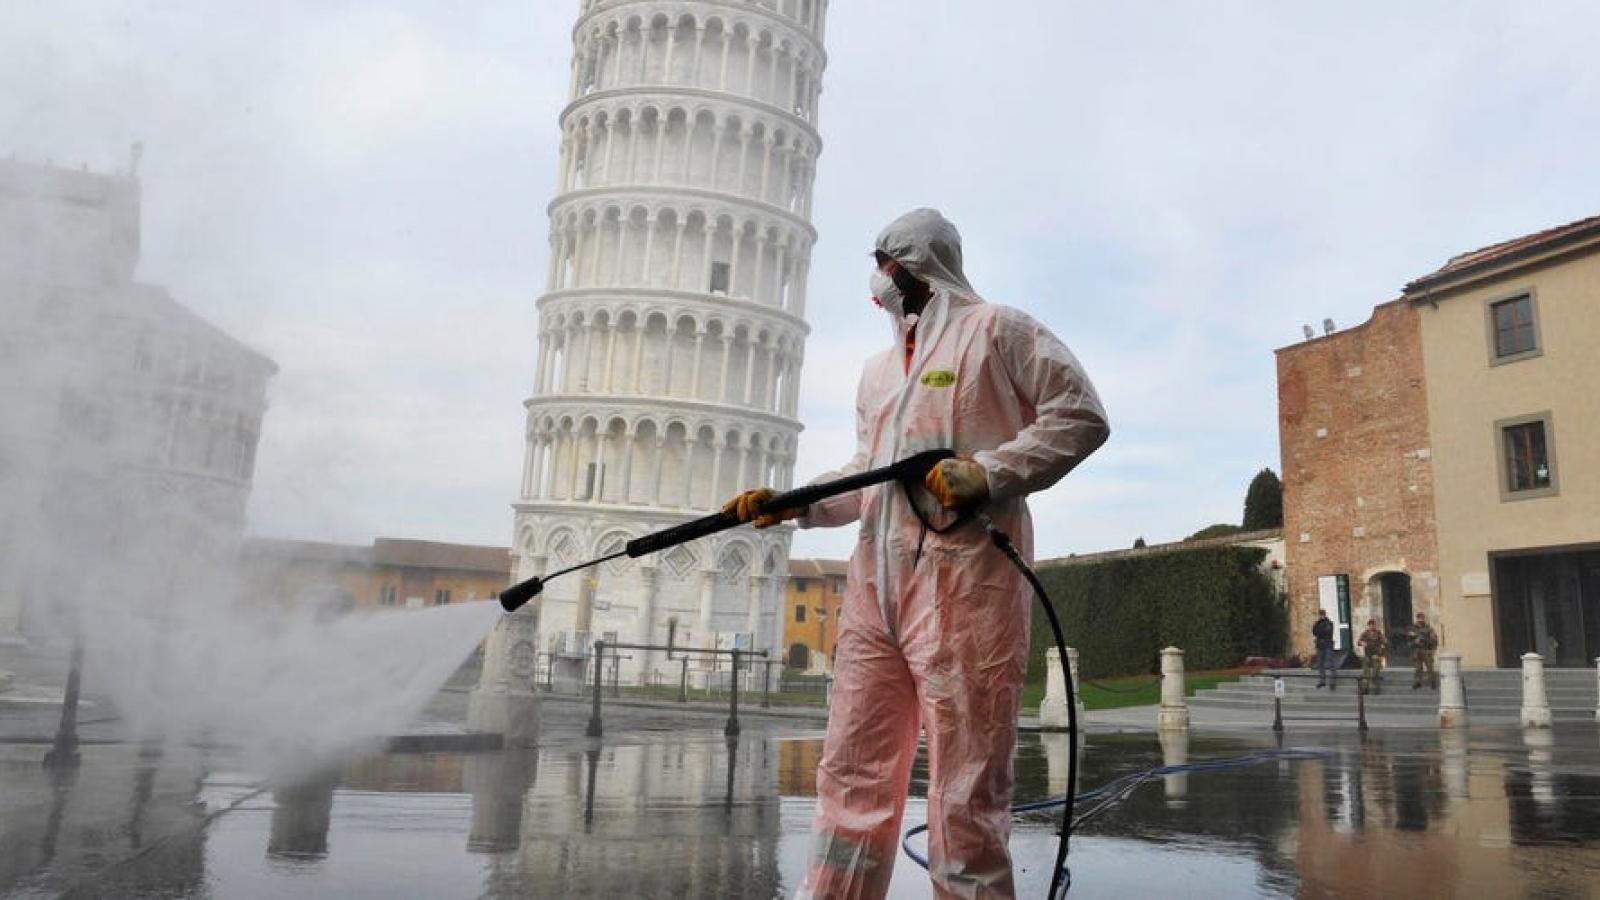 Thủ tướng Italychỉ trích các hãng dượcchậm cung ứng vaccine COVID-19